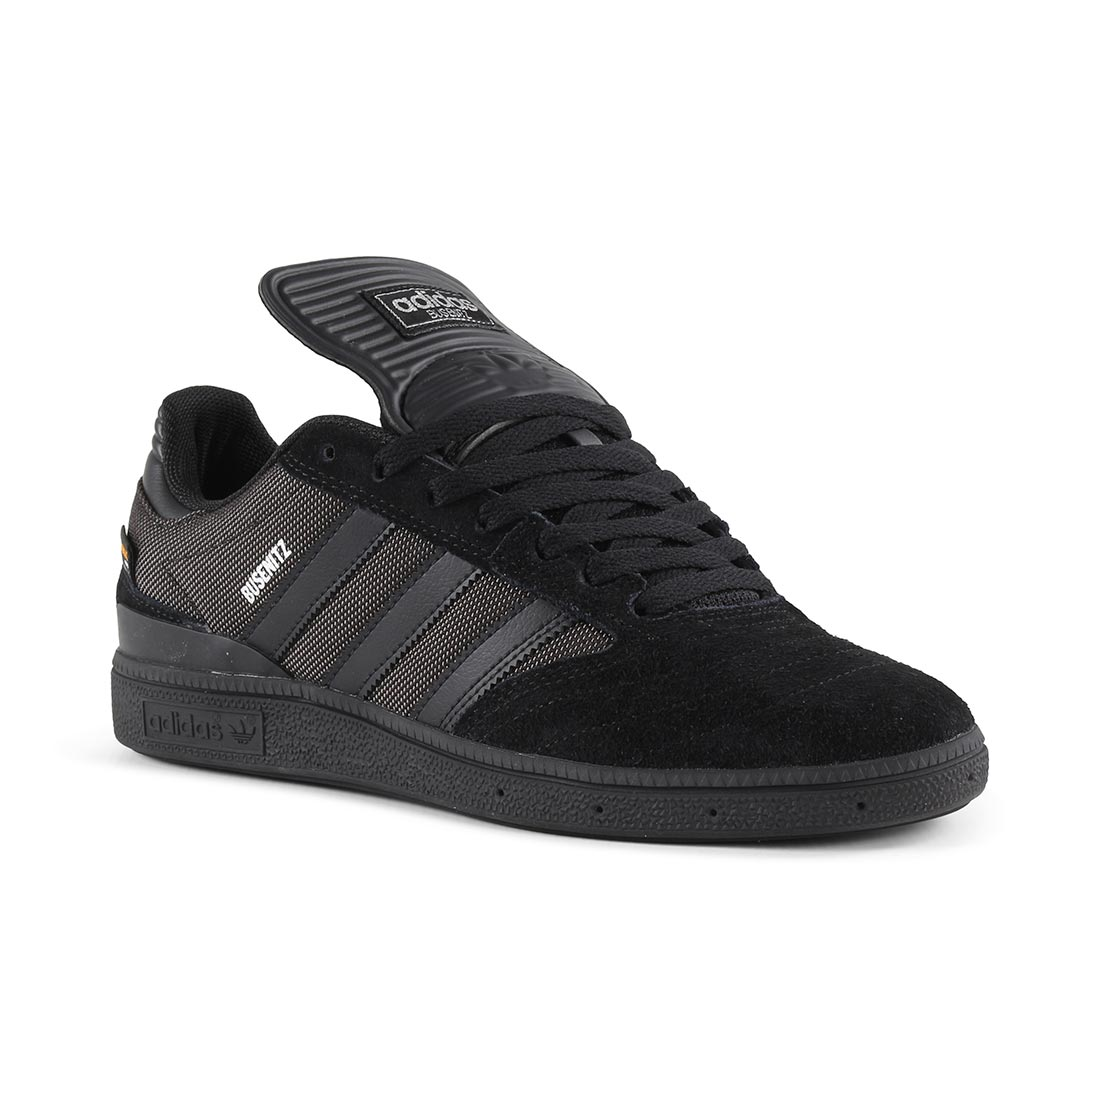 timeless design 50d82 46b1a Adidas Busenitz Pro Shoes – Core Black  Core Black  Core Black